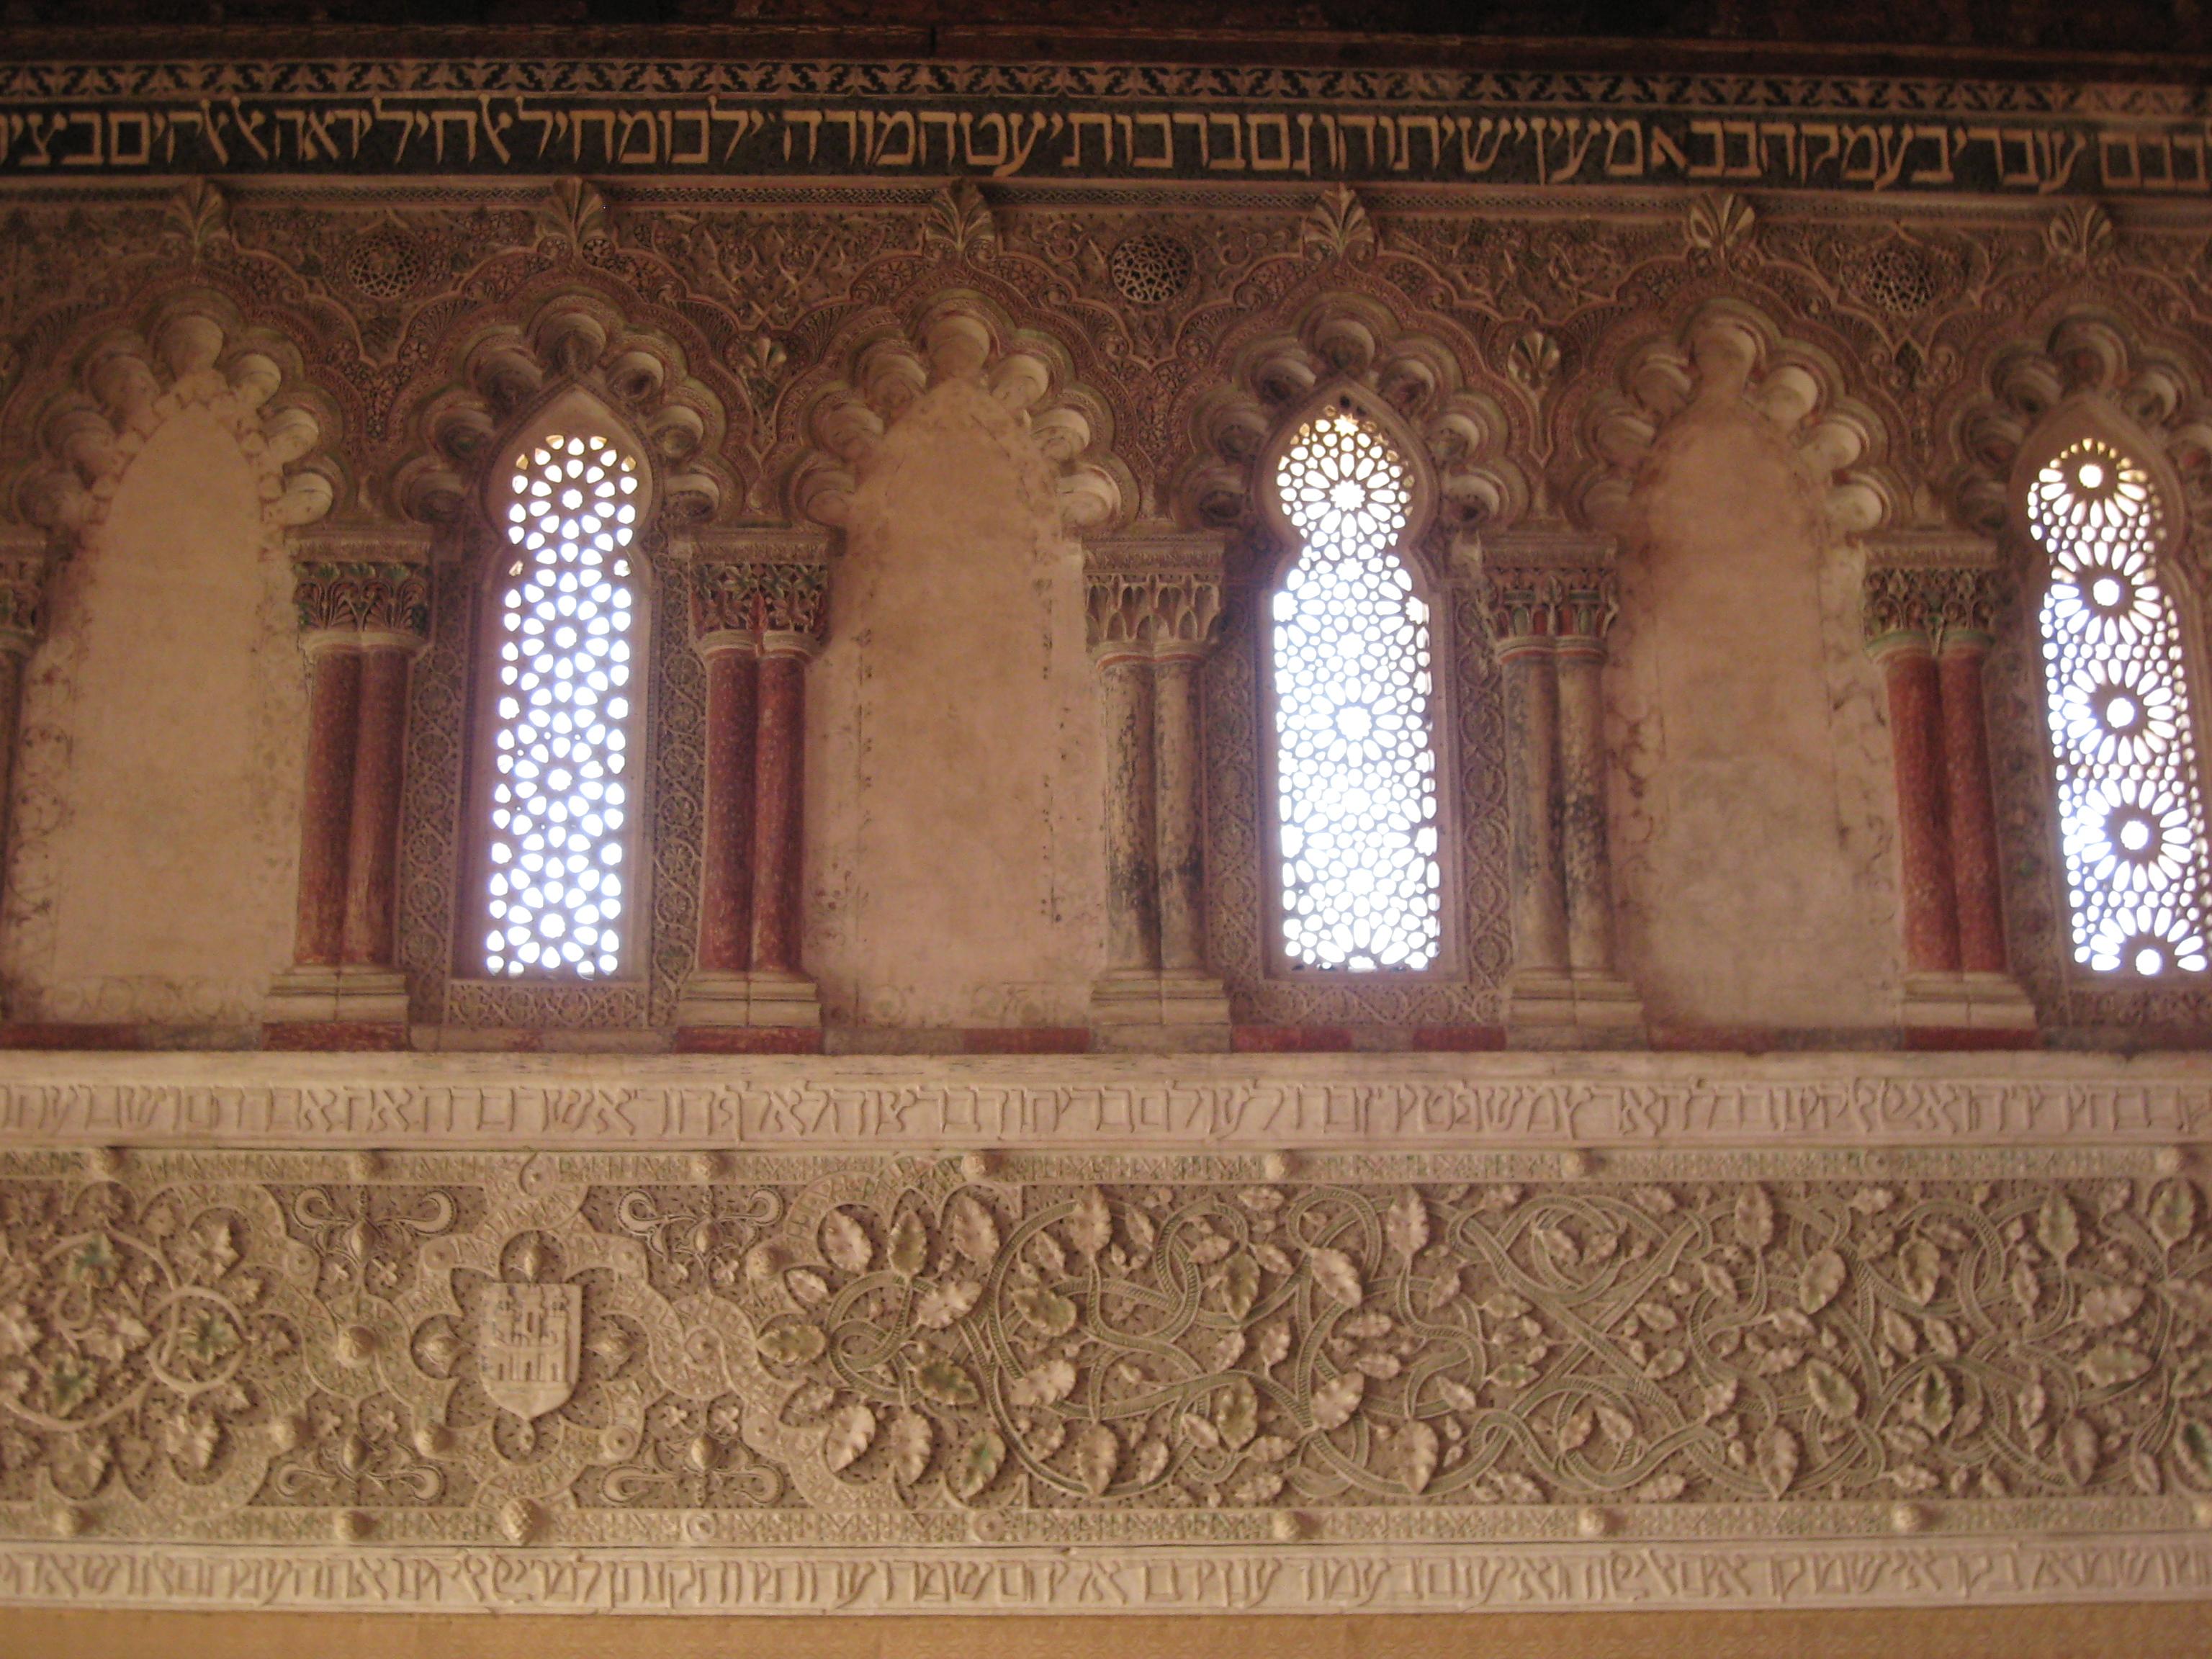 File:Sinagoga del Tránsito interior3.jpg - Wikimedia Commons